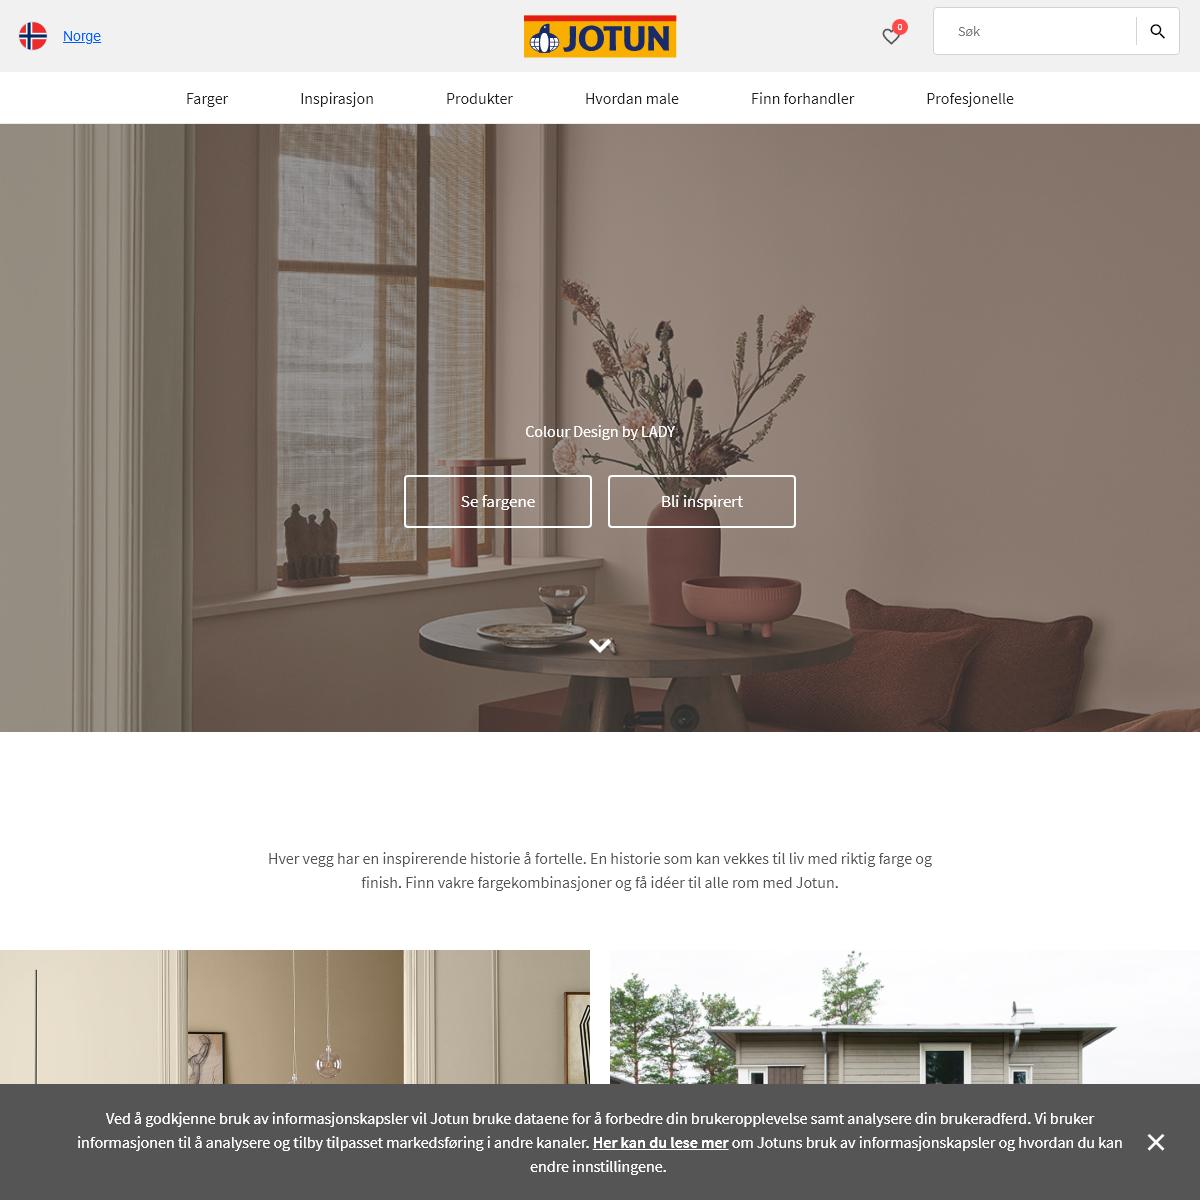 Maling - Jotuns hjemmeside - Jotun.no